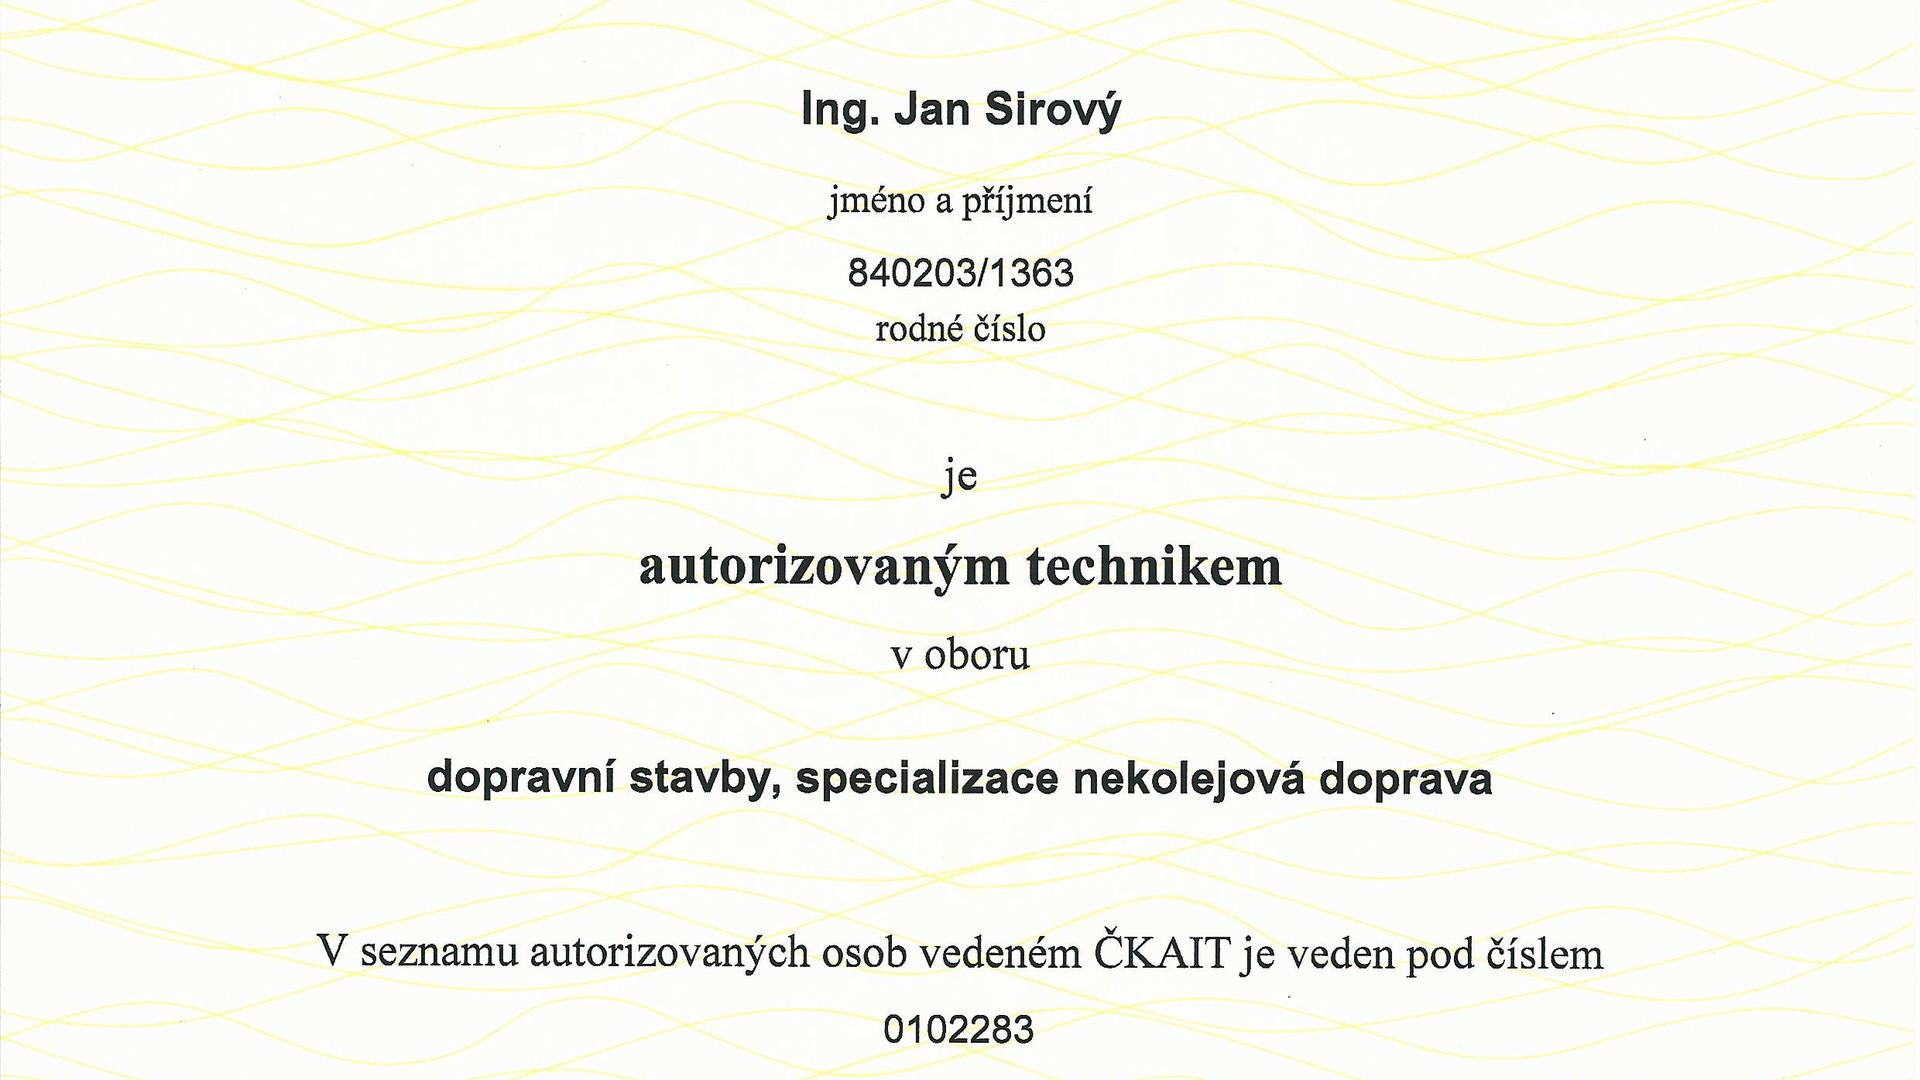 Sirový, Autorizace dopravní stavby.jpg